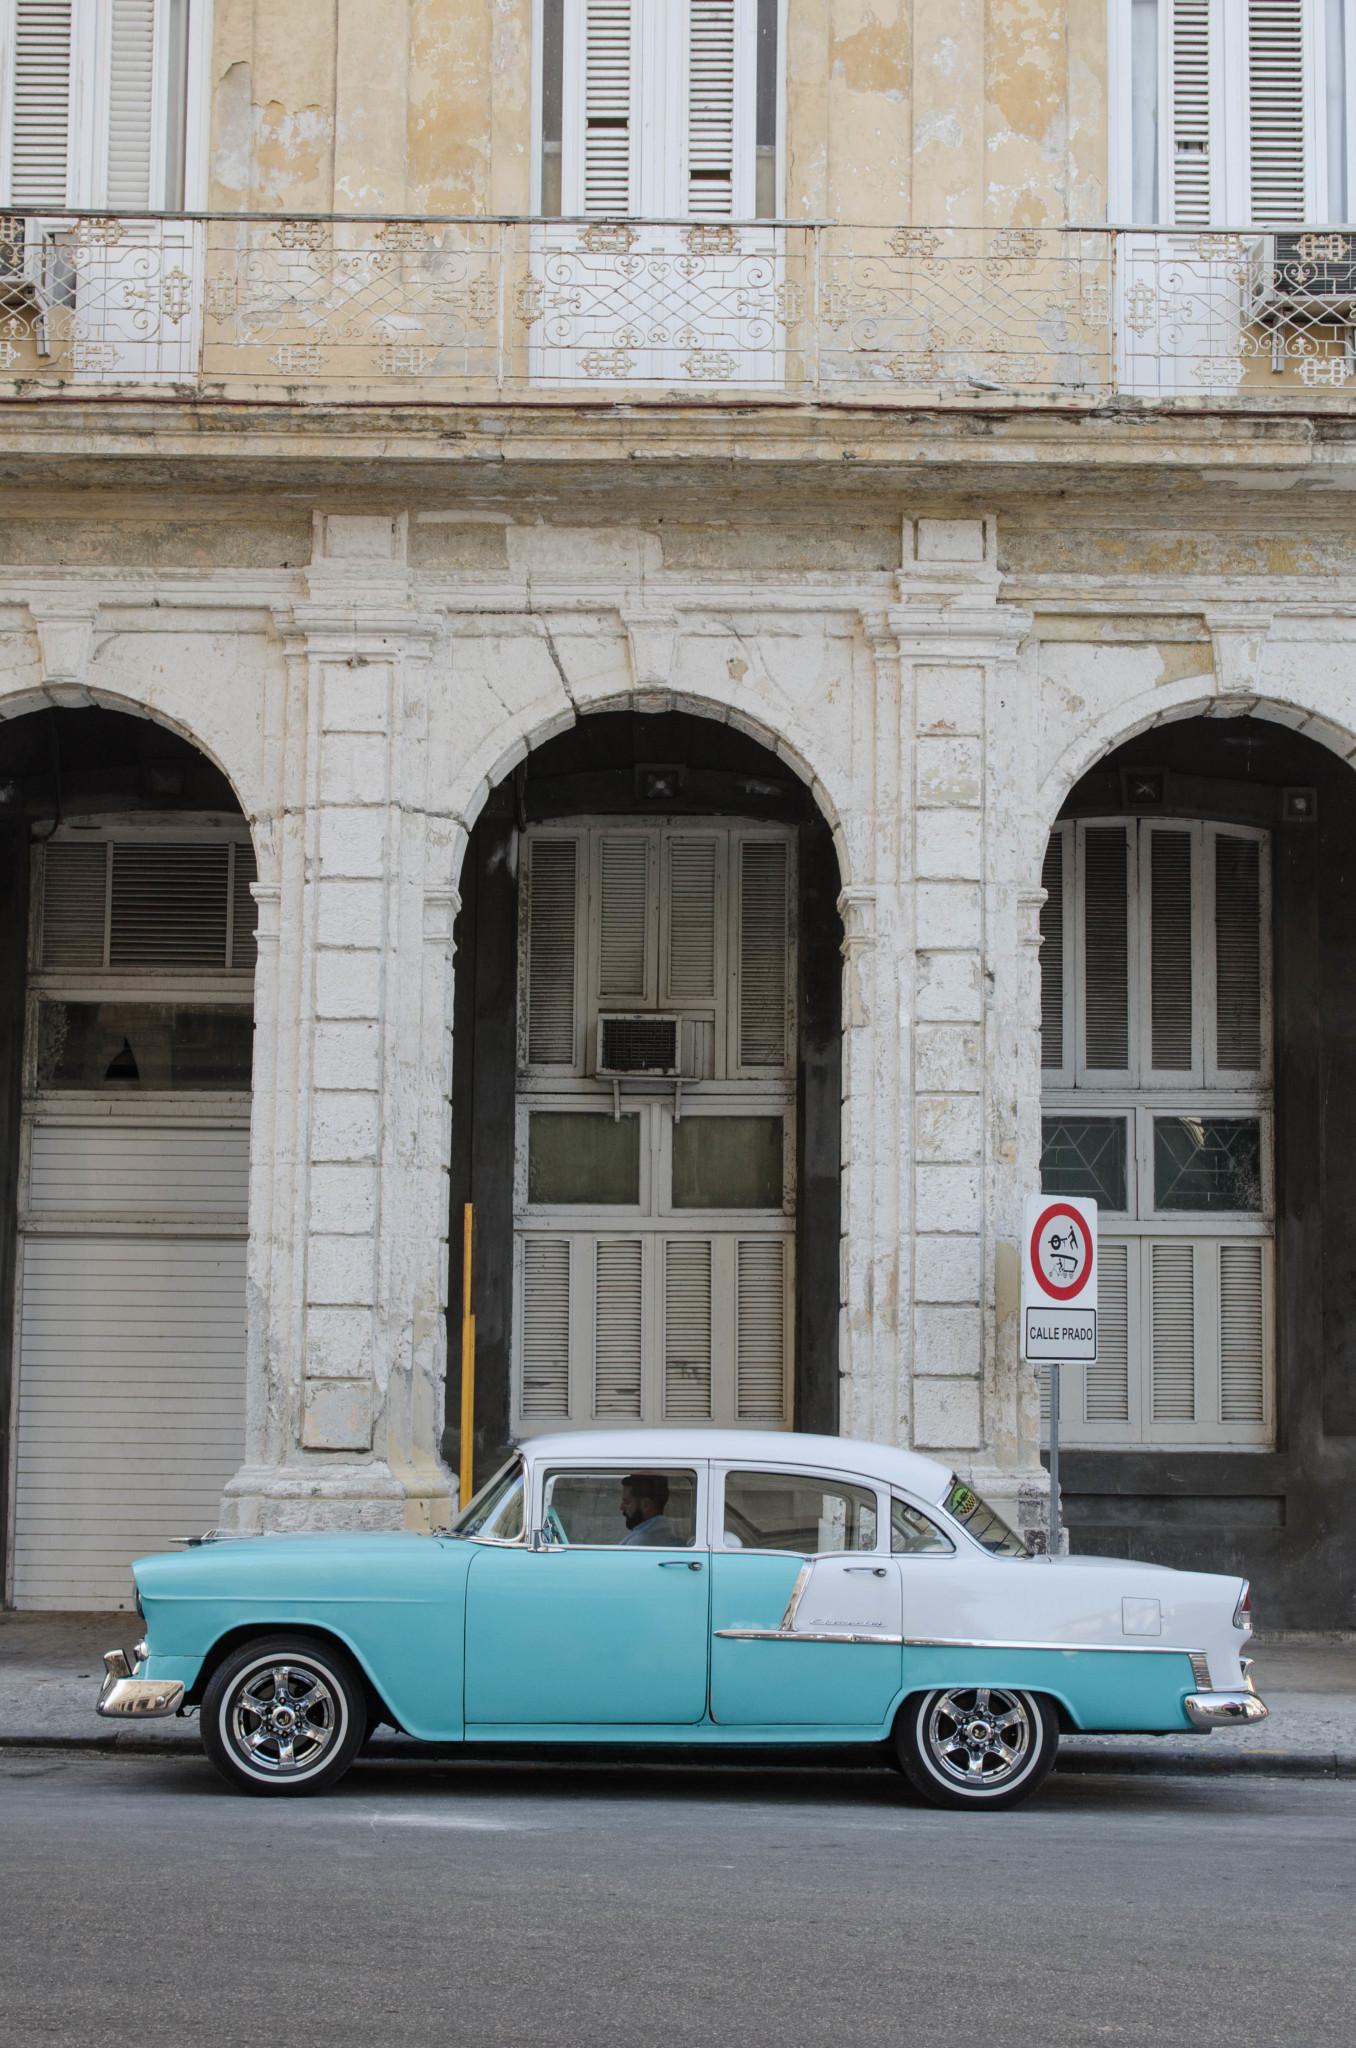 Oldtimer in Havannas Altstadt